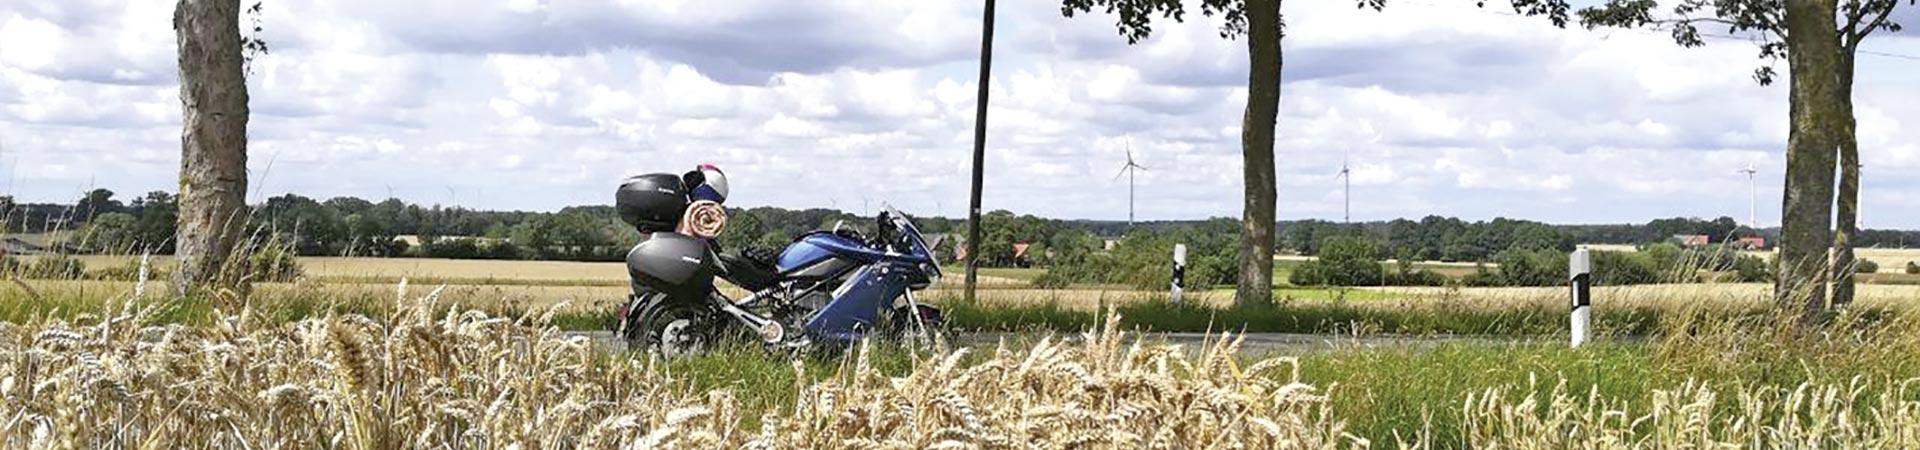 Titelbild-Zero-SR-S-Deutschlandreise_27-05-2021_37815